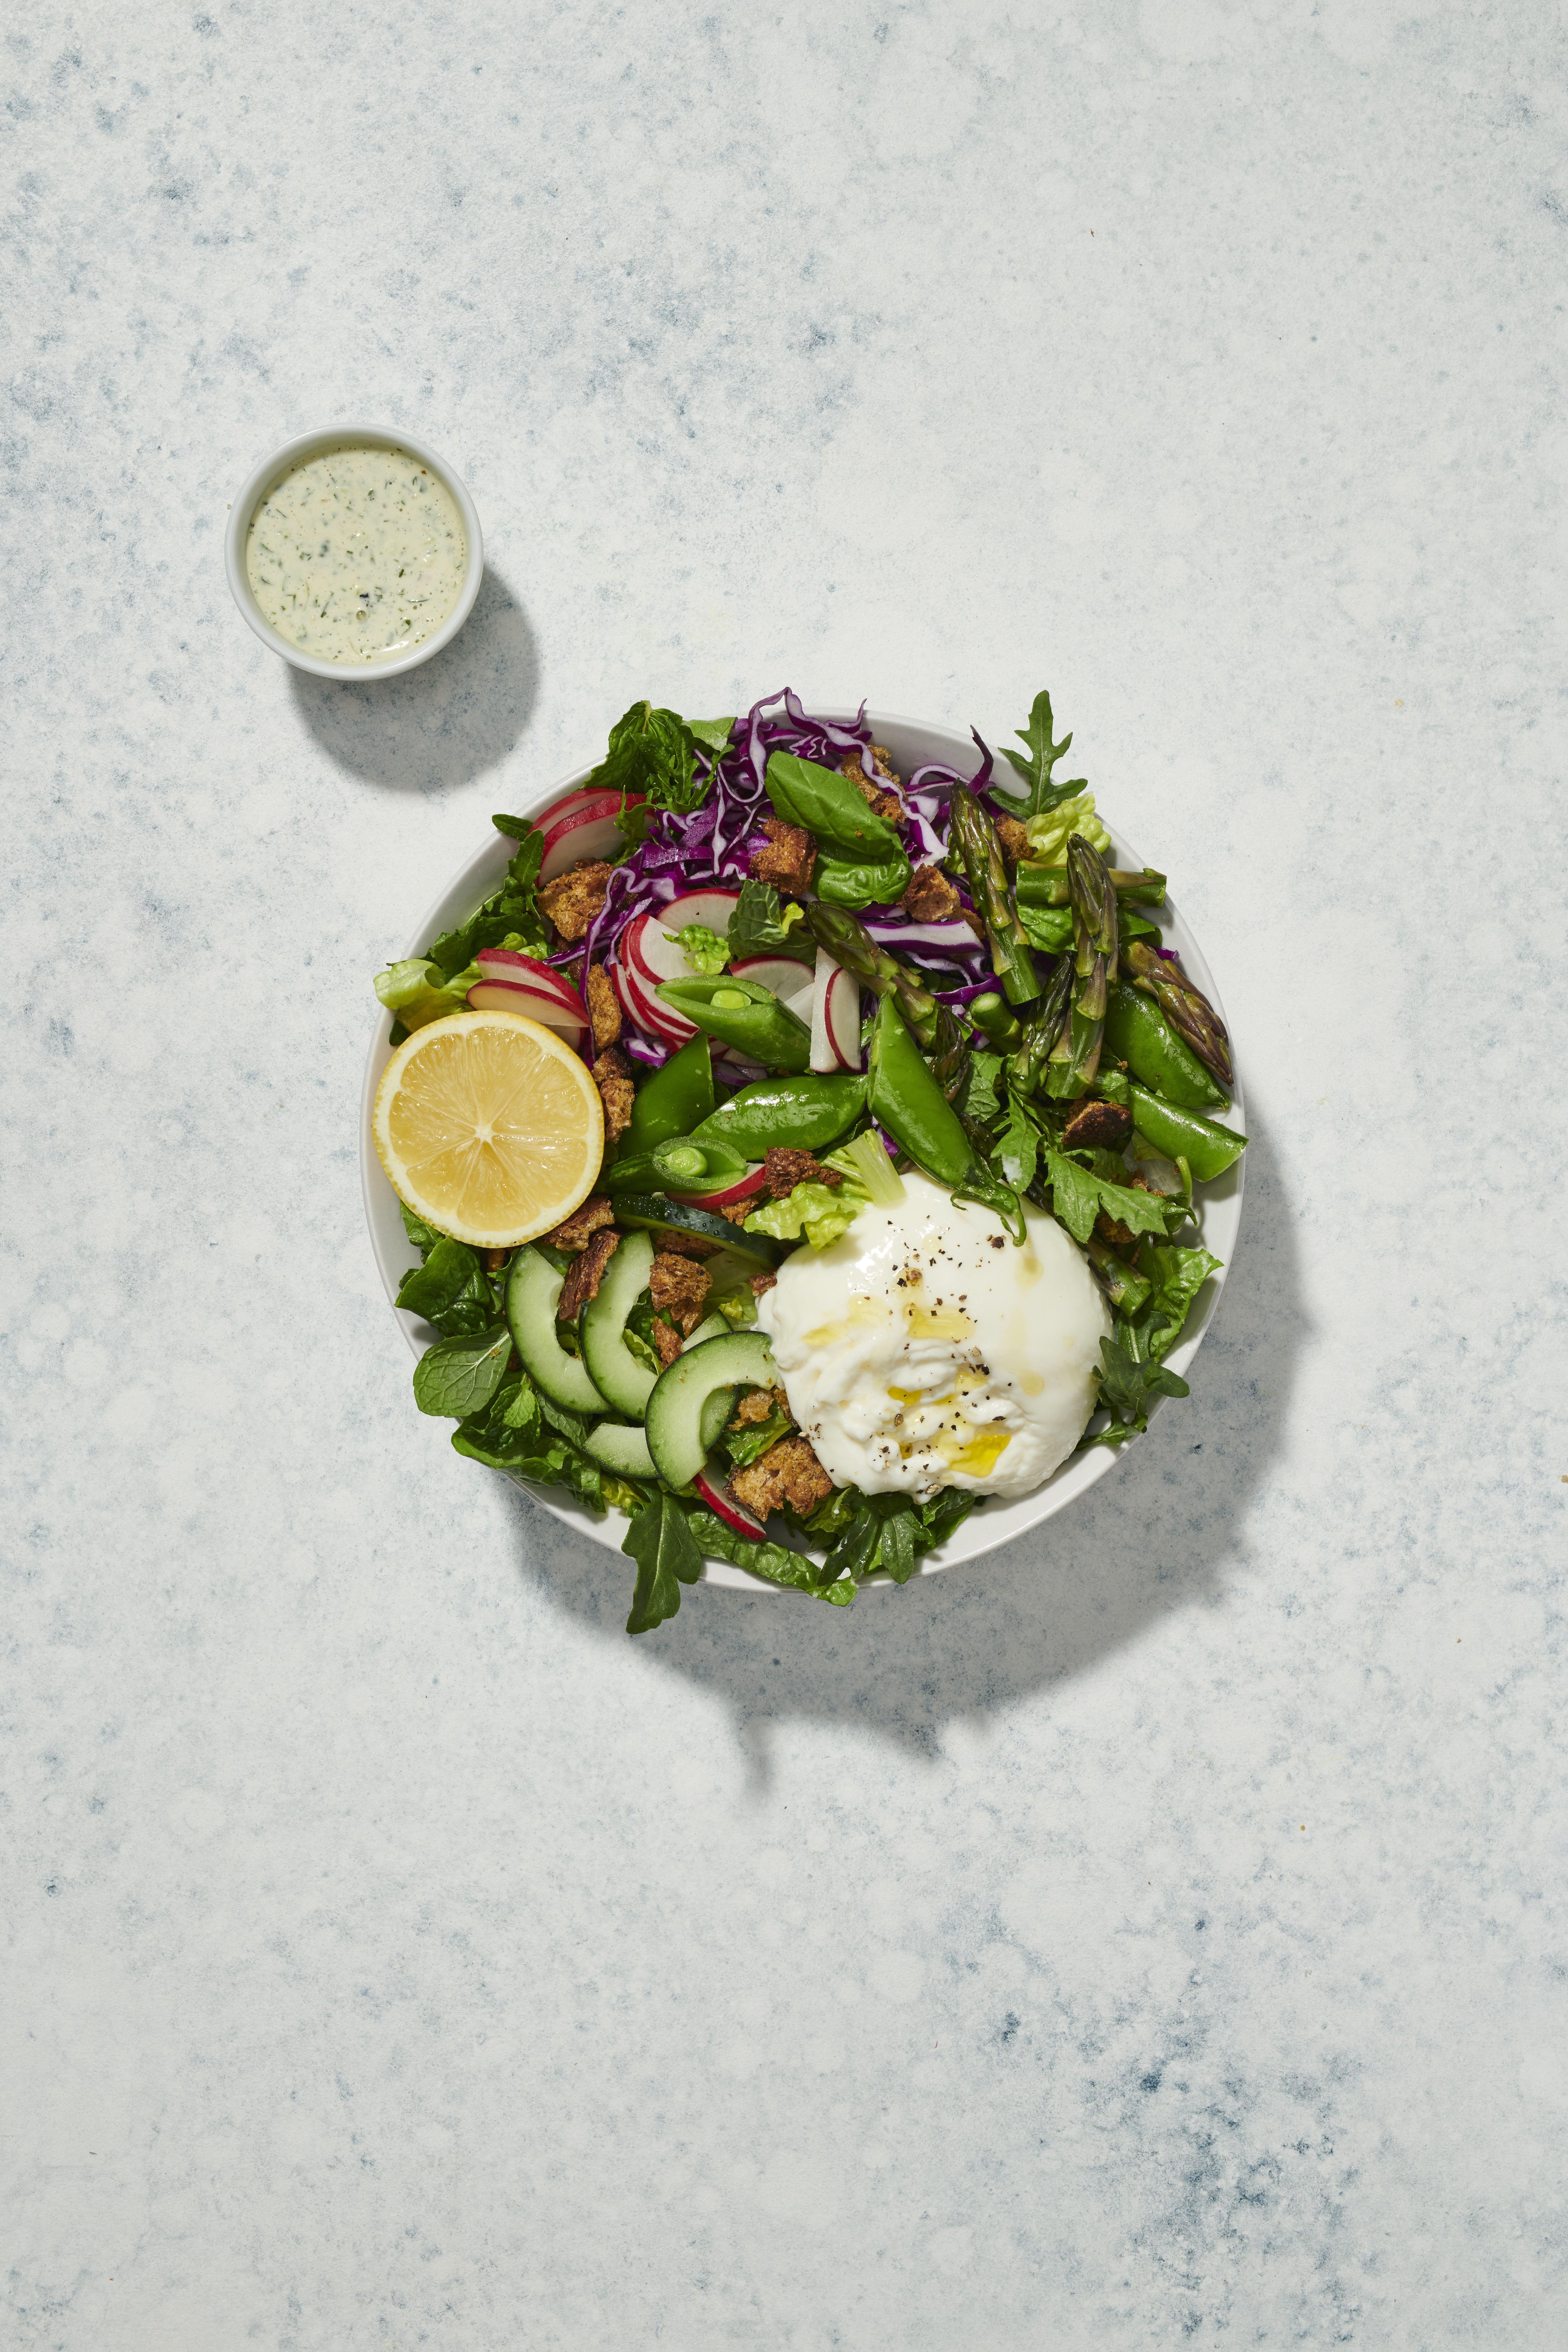 Green Goddess Burrata Salad Sweetgreen Burrata Salad Food Healthy [ 8256 x 5504 Pixel ]